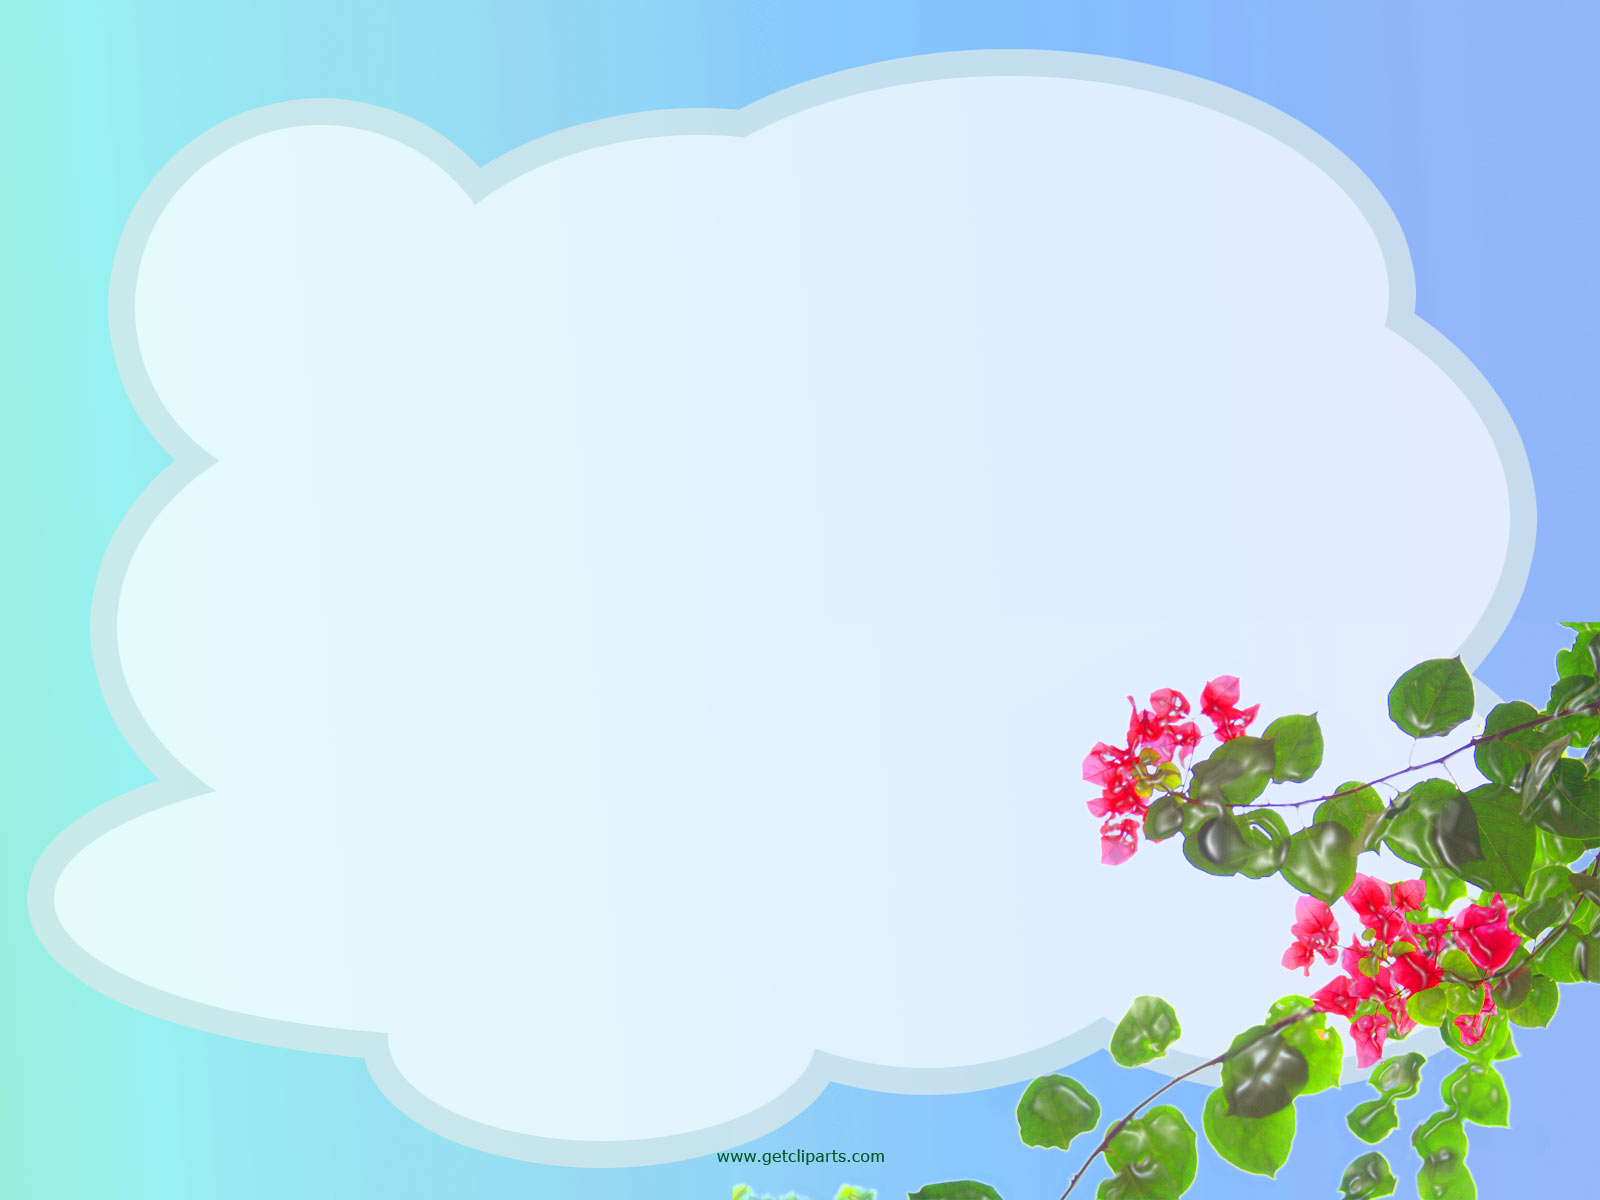 Flower Frames Hd Images